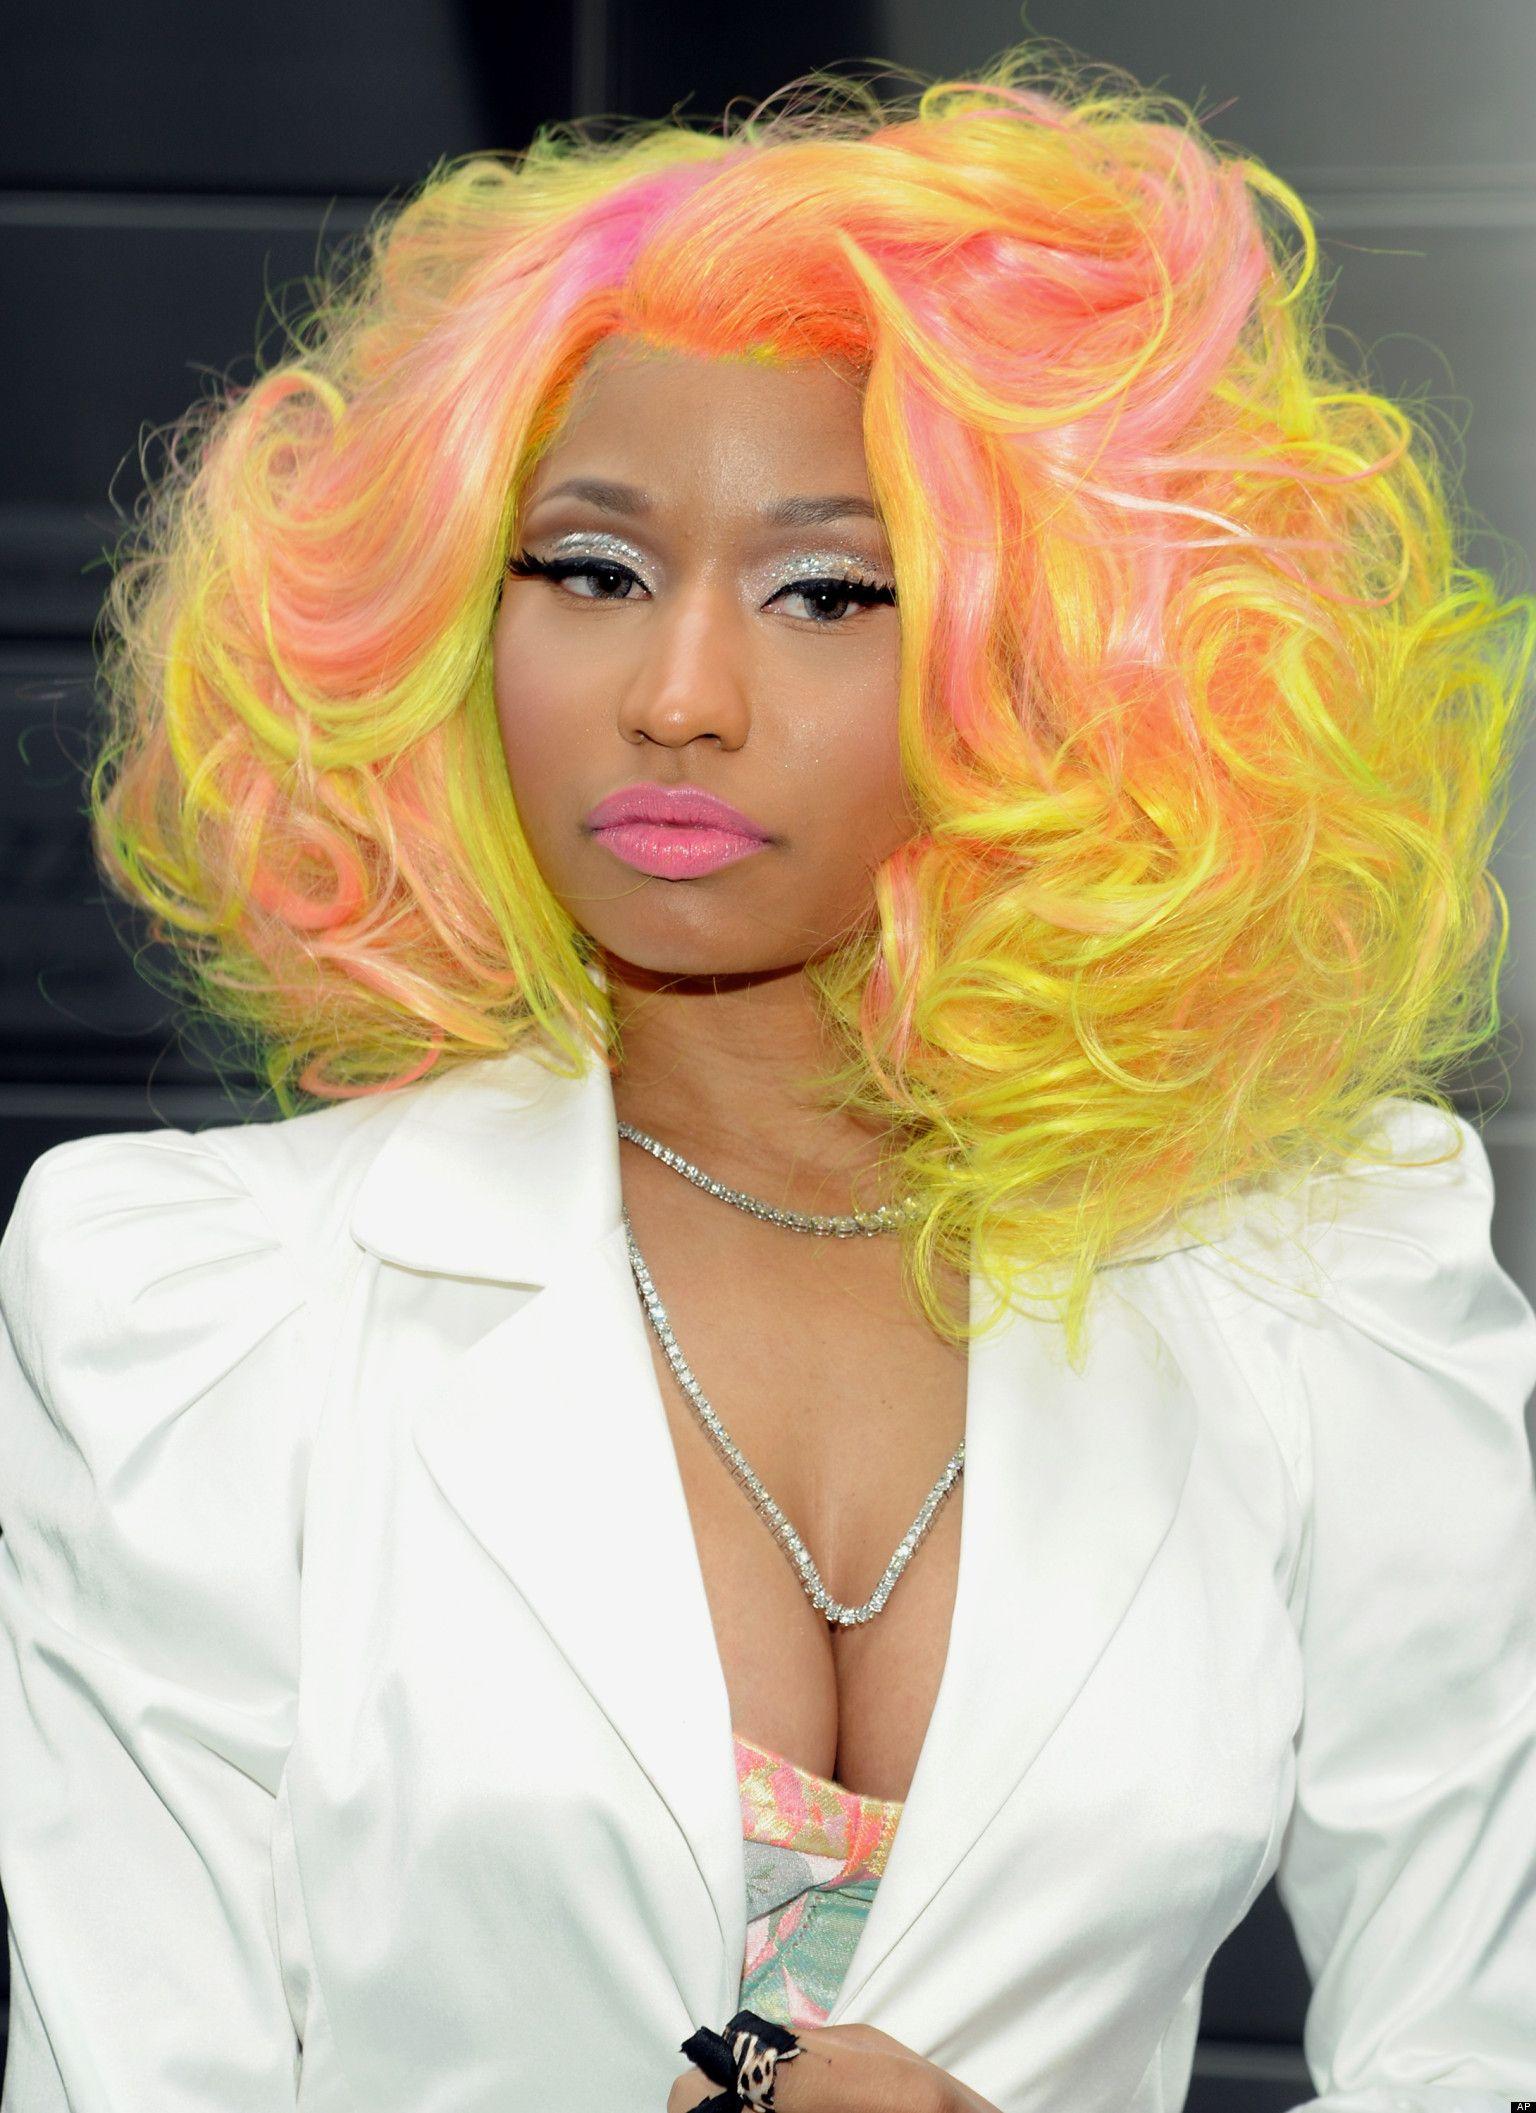 Superb 17 Best Images About Nicki Minaj On Pinterest Funky Bob Short Hairstyles For Black Women Fulllsitofus